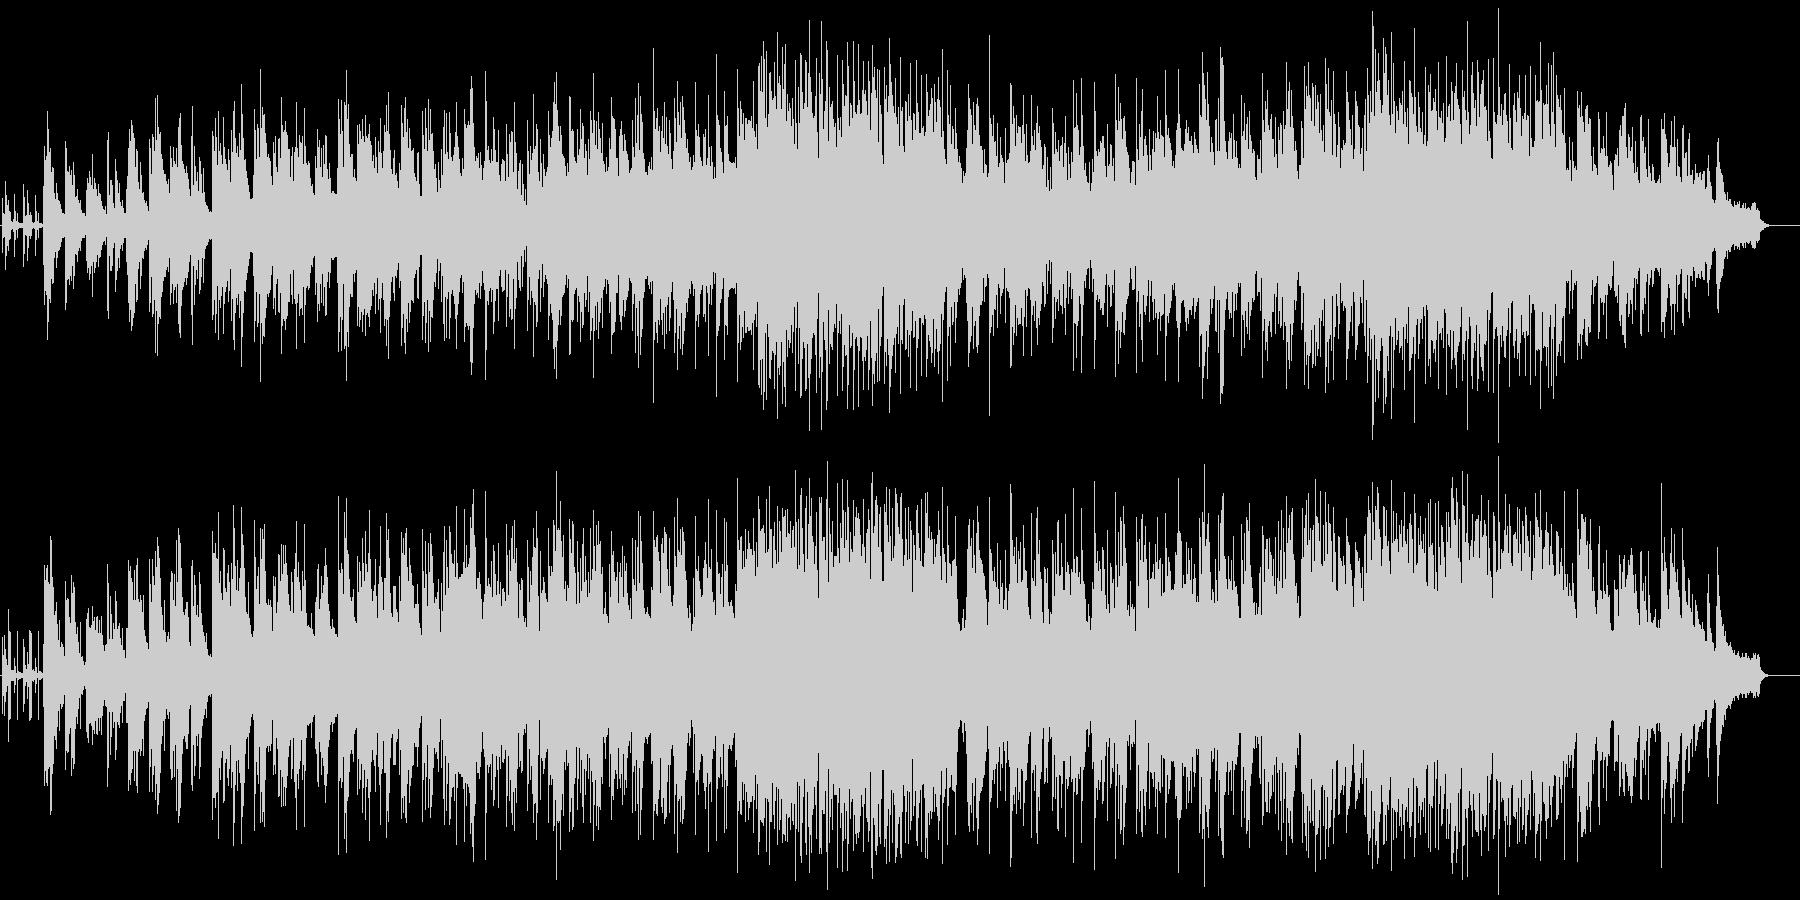 クライマックスを飾るドラマチックバラードの未再生の波形